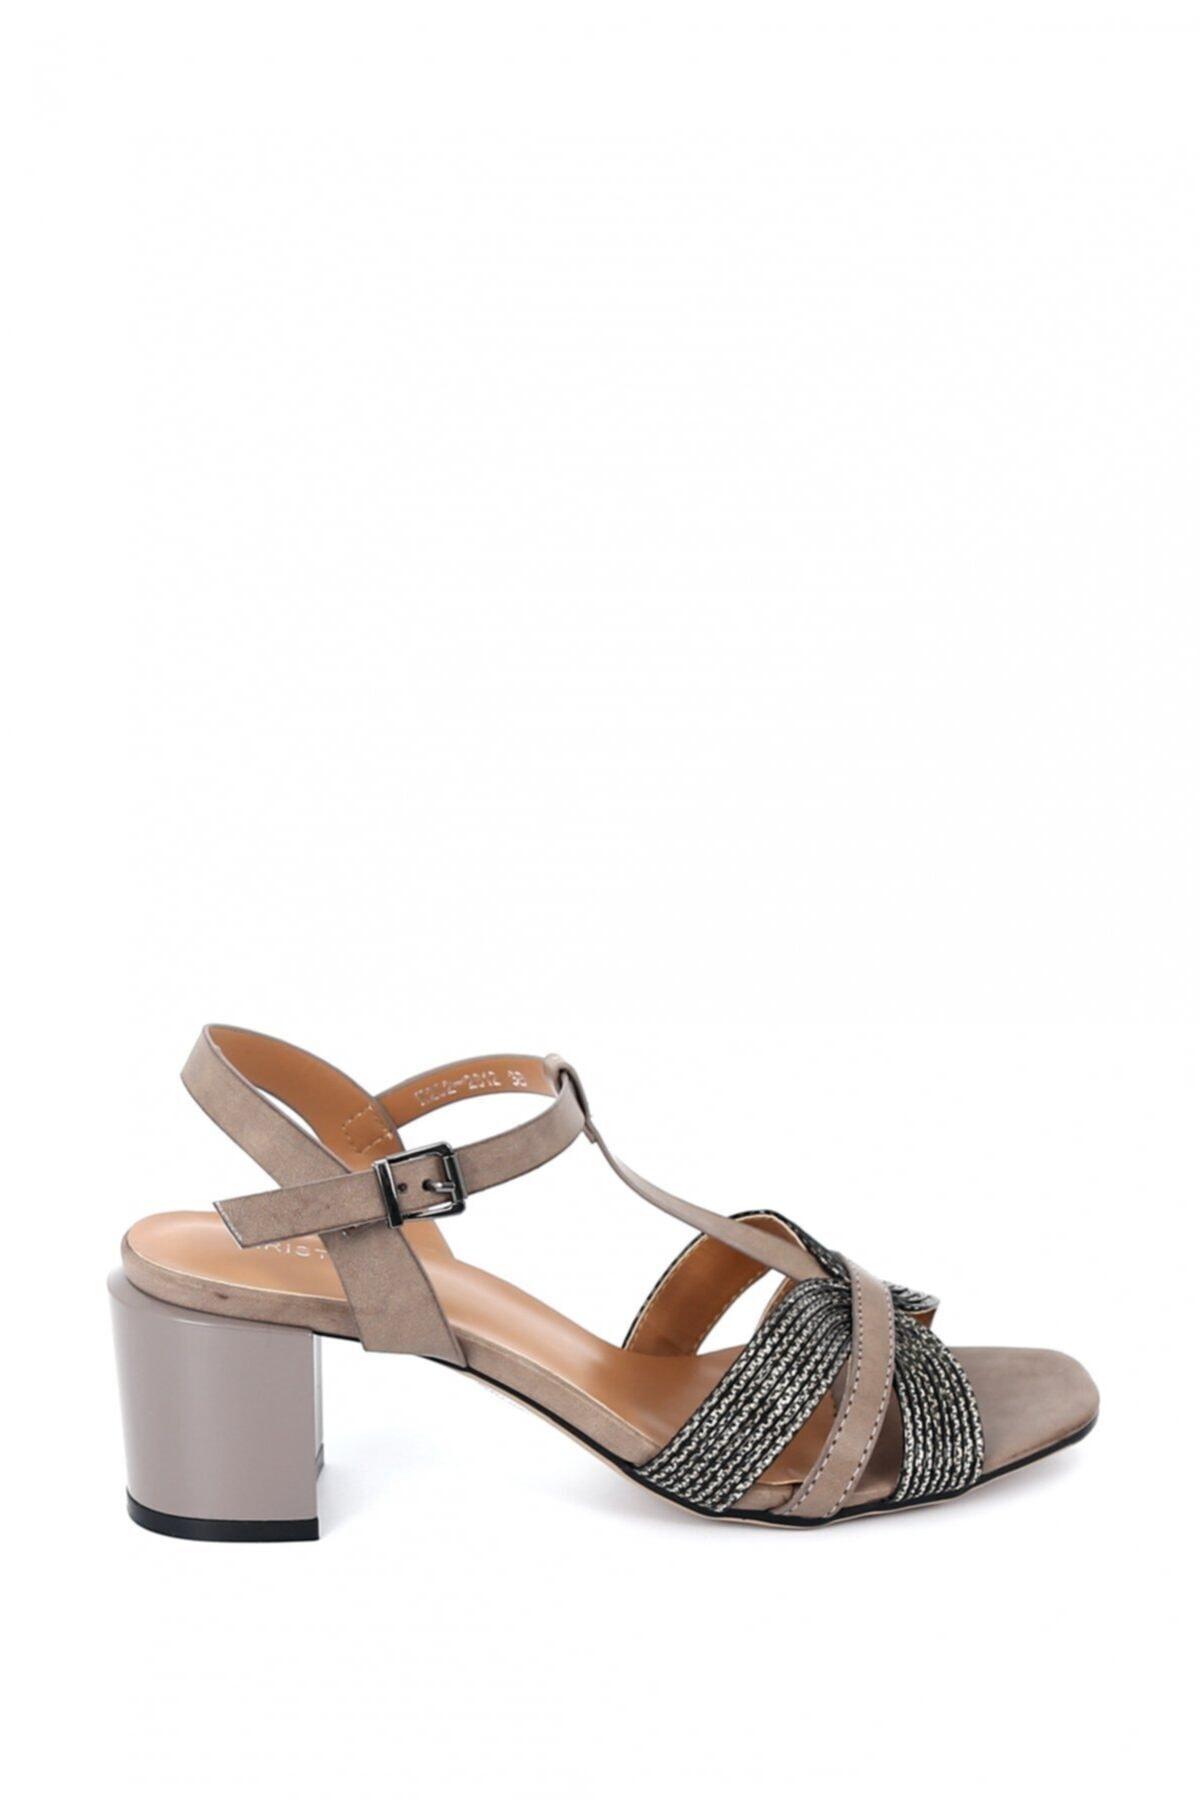 Hayati Arman Kadın Deri Kısa Topuklu Ayakkabı 2